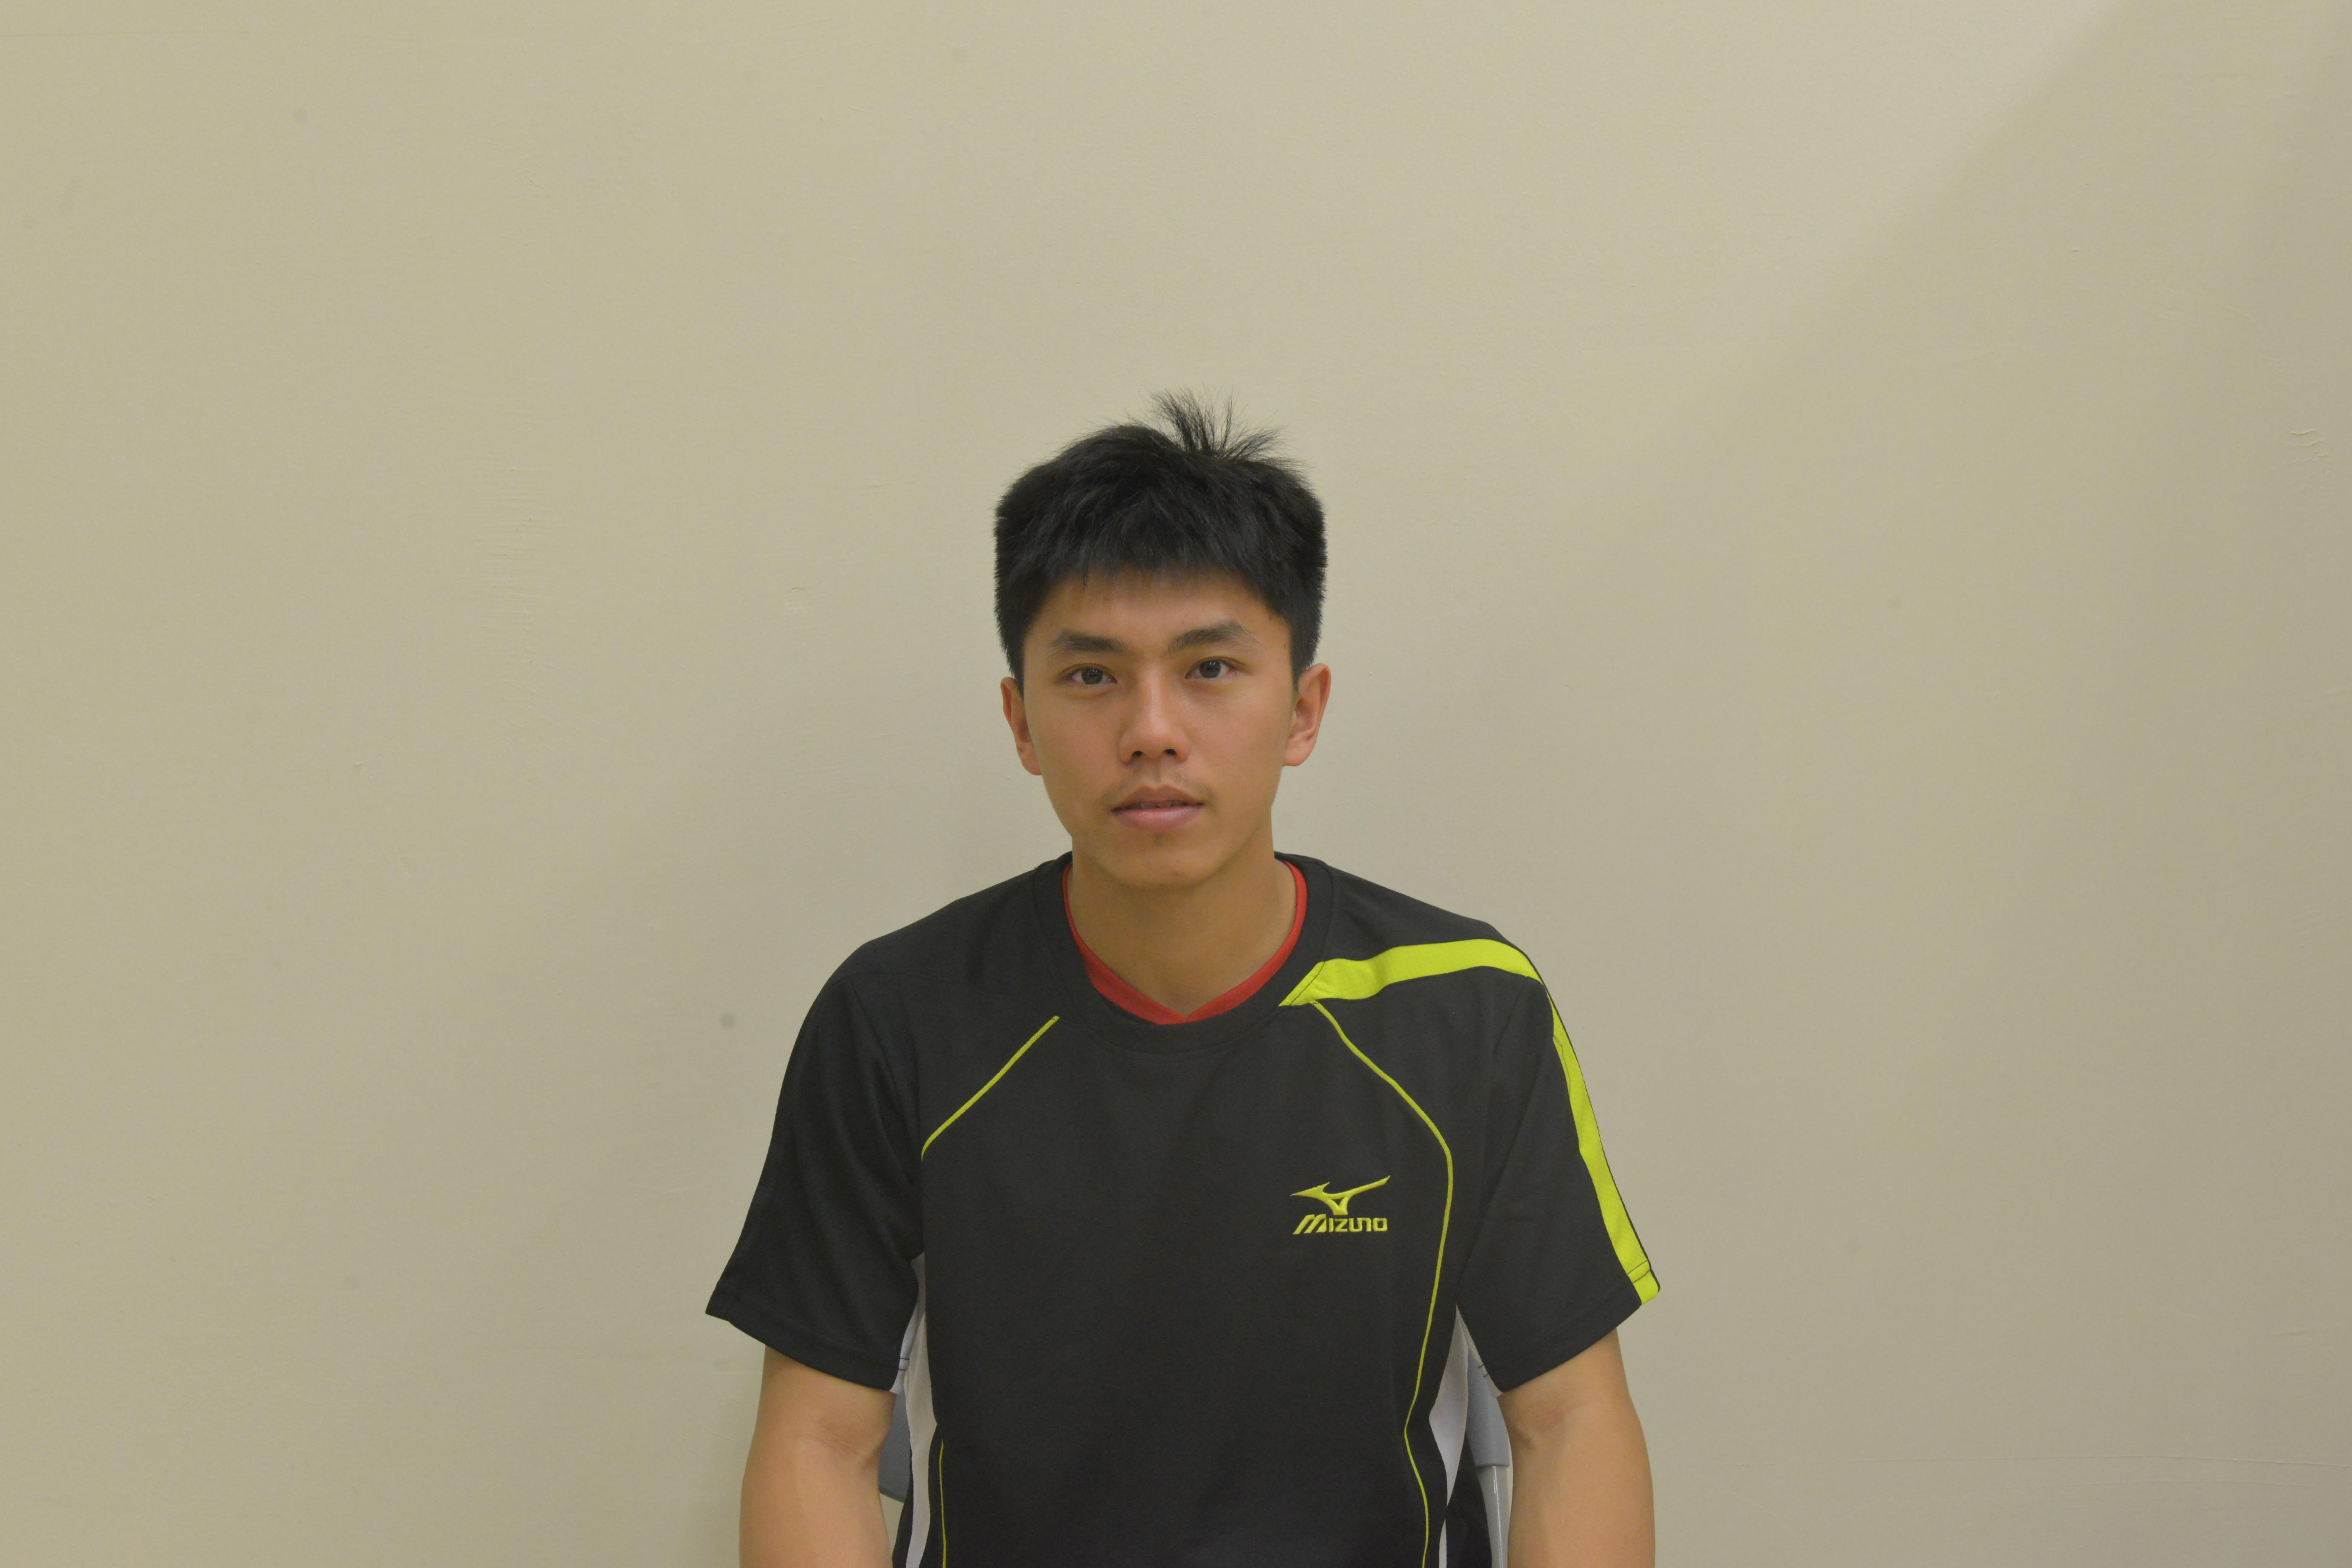 Chia-Hsuan Li